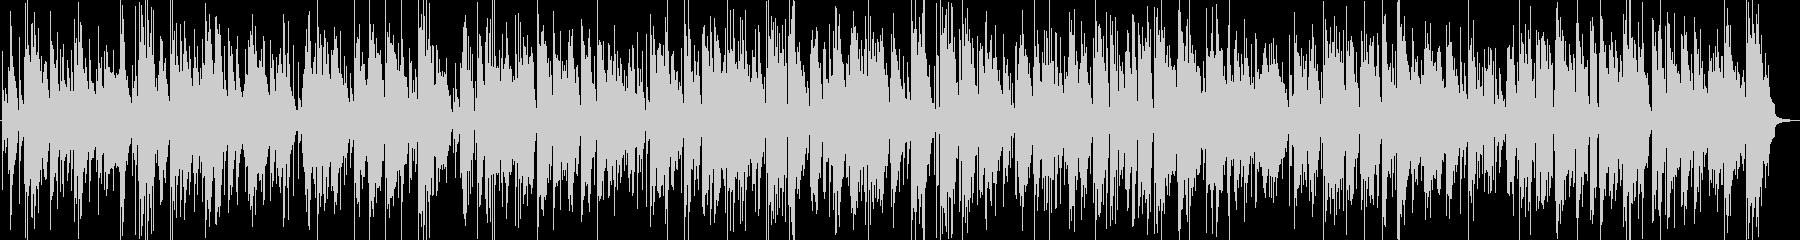 生演奏サックスとピアノのしっとりバラードの未再生の波形